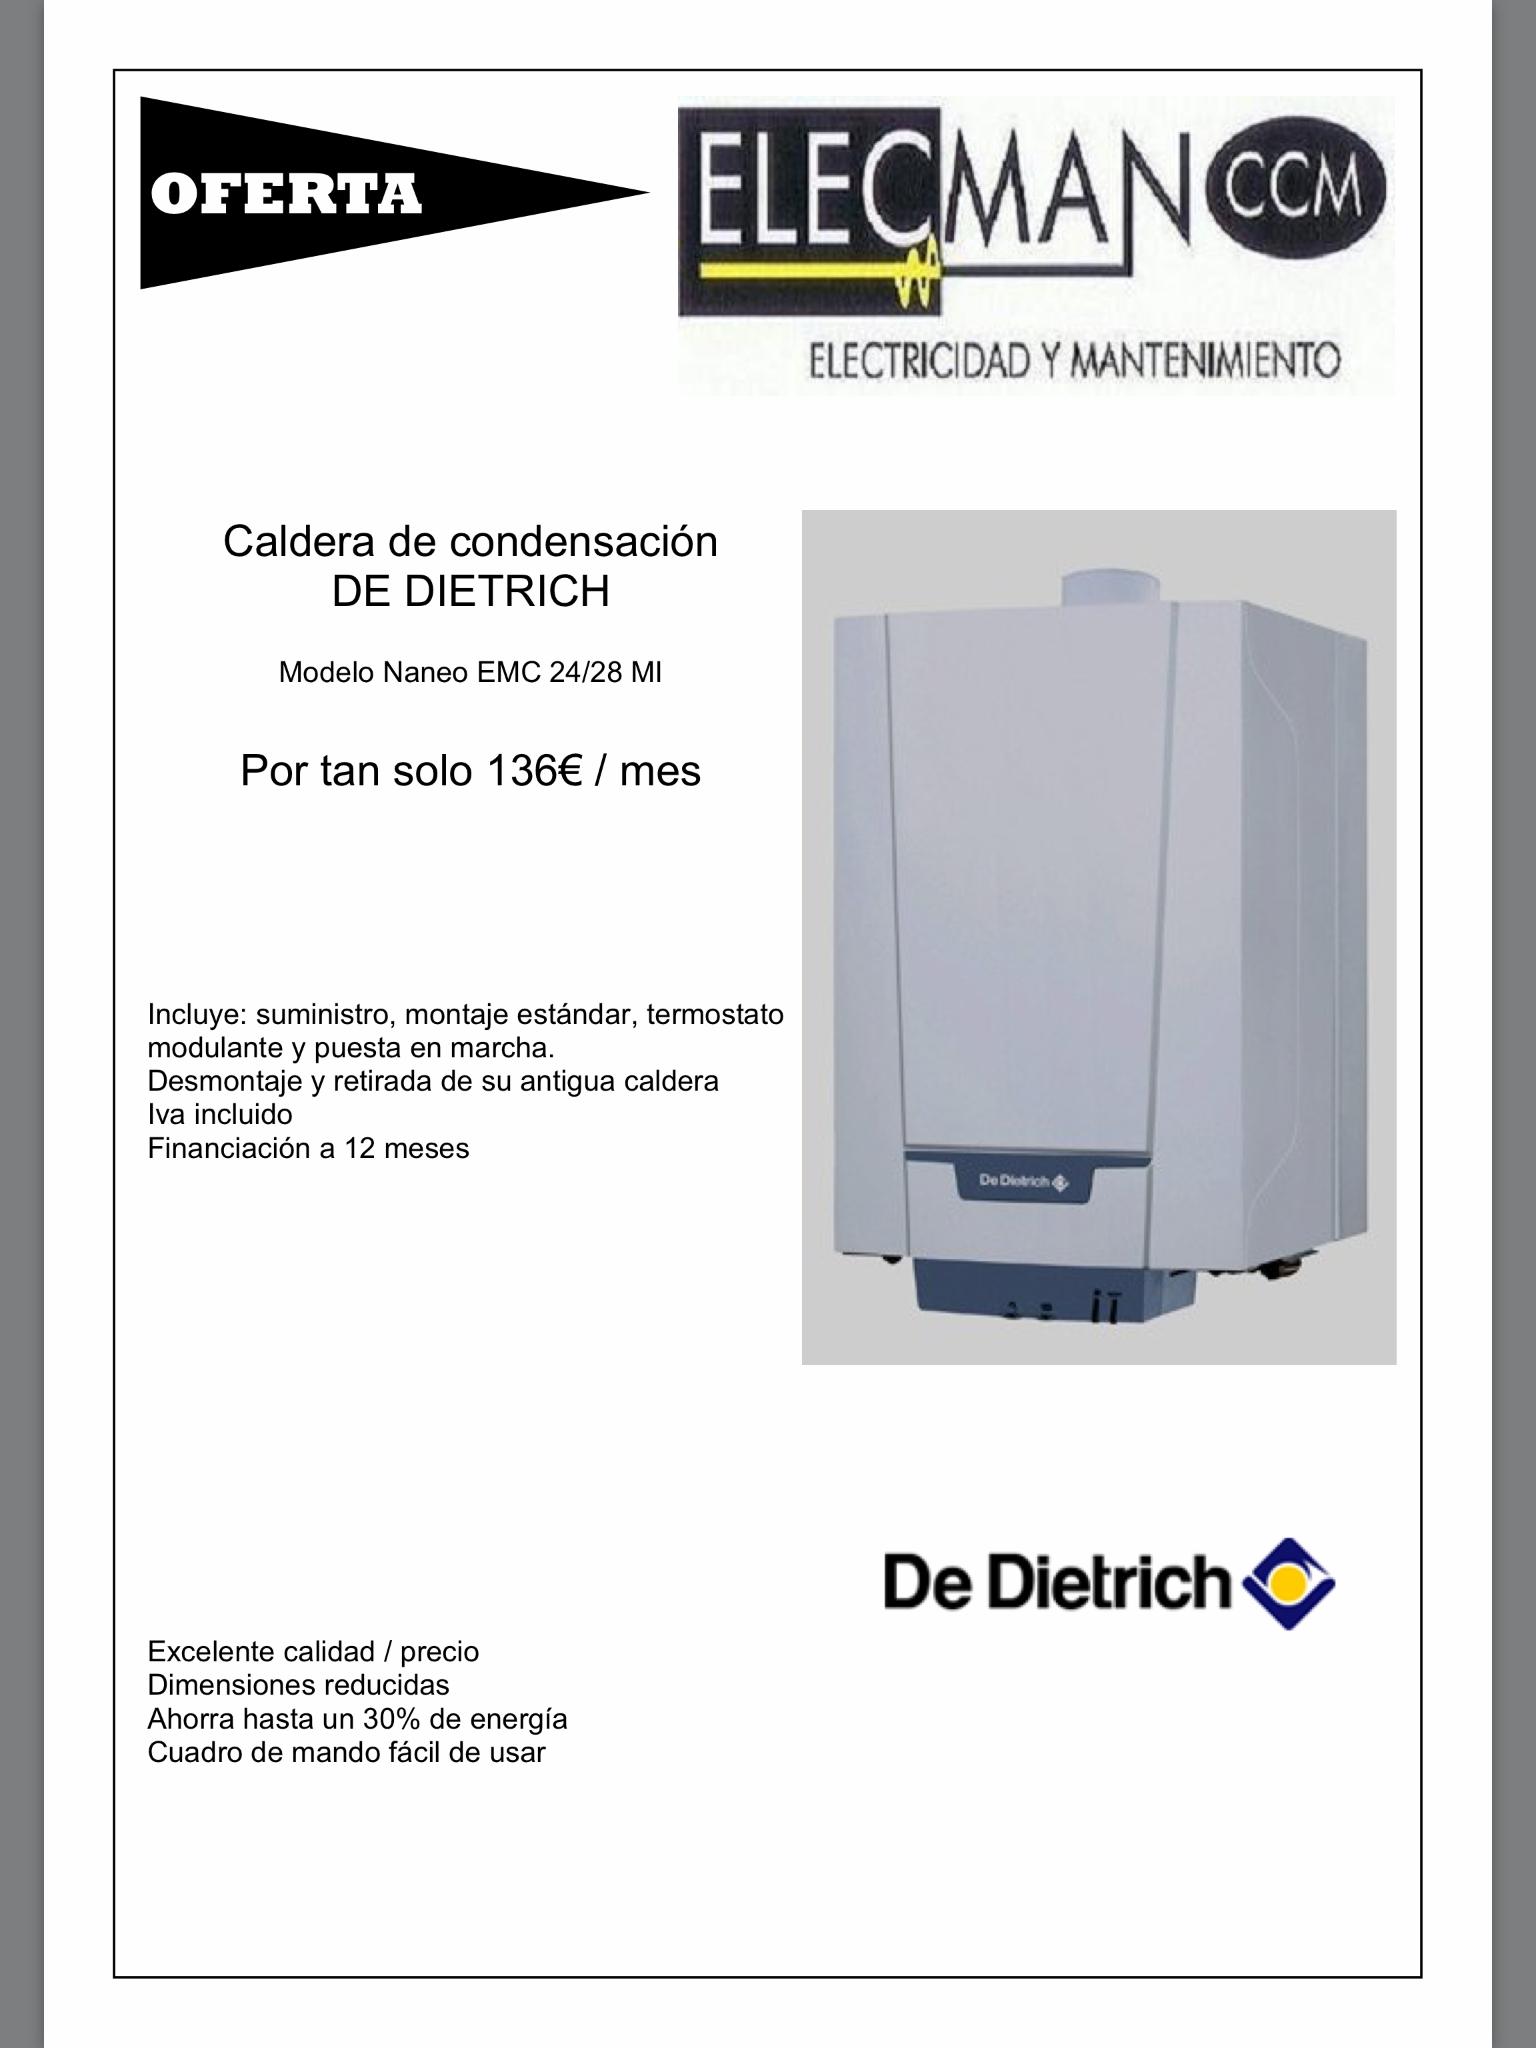 Oferta caldera de dietrich elecman ccm - Ofertas calderas de gas ...